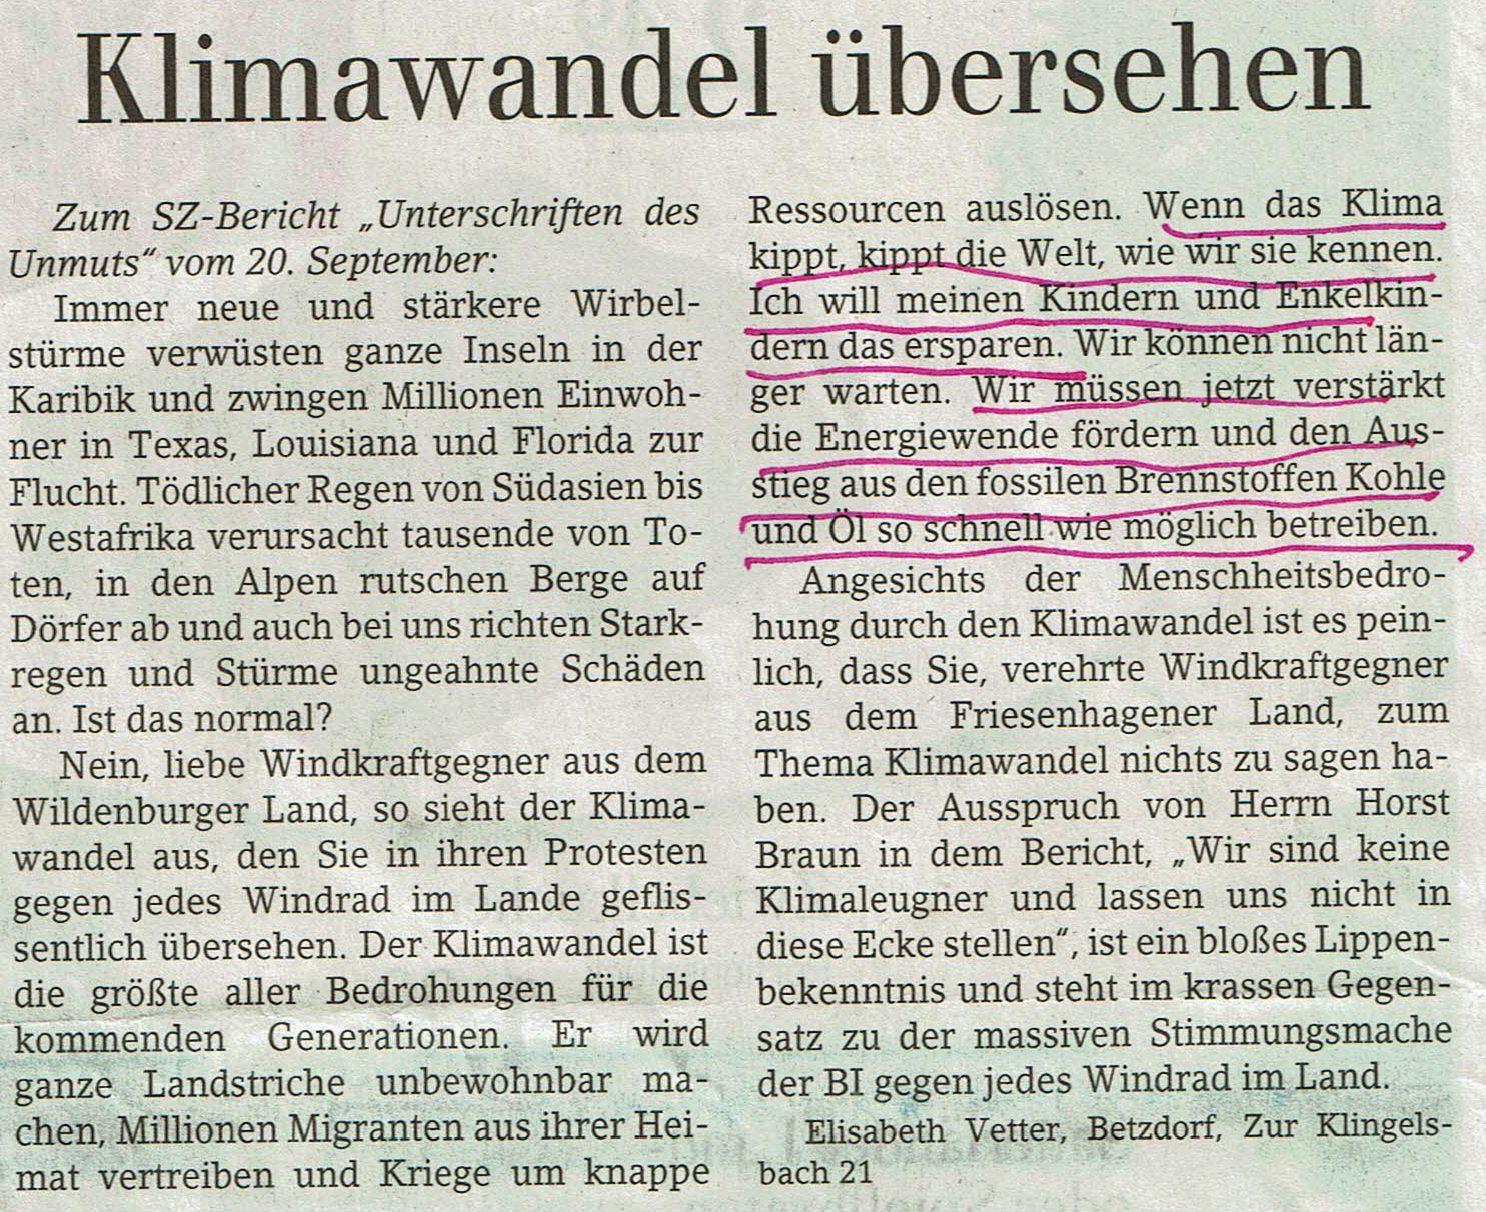 """Zum SZ-Bericht """"Unterschriften des Unmuts"""""""